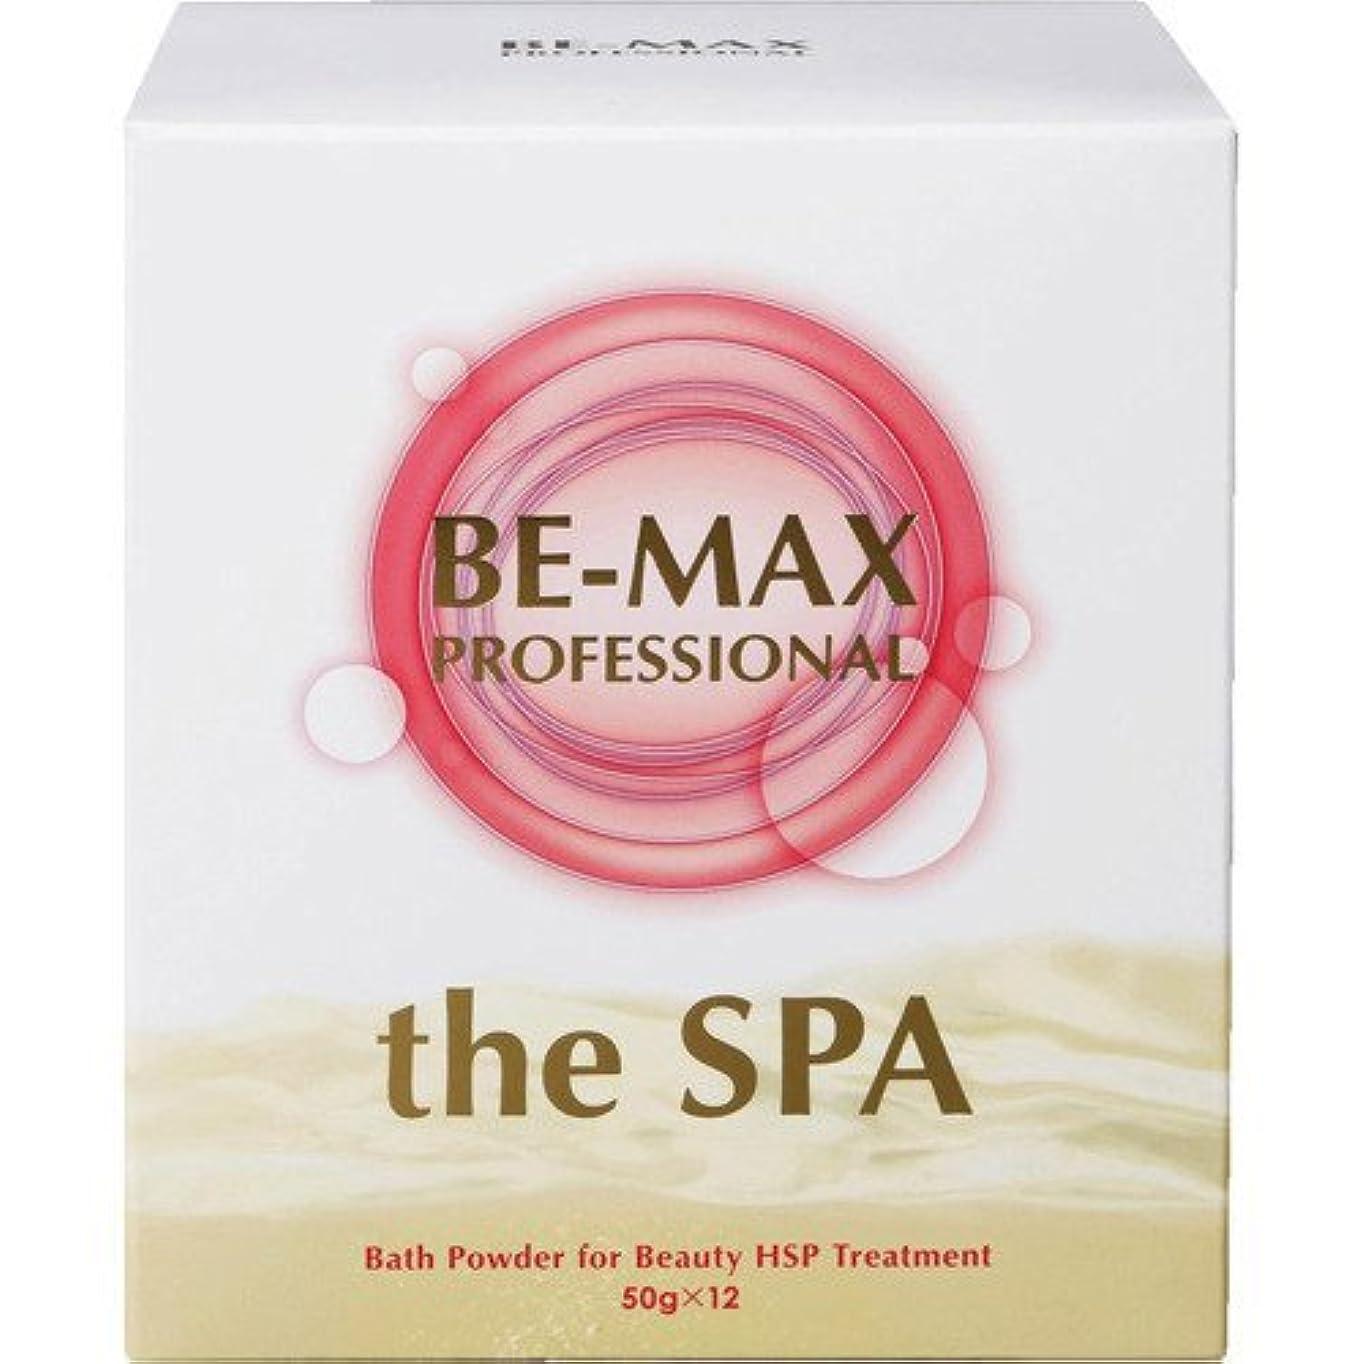 物質キャンペーンベールBE-MAX PROFESSIONAL the SPA(ザ?スパ) ビーマックスプロフェッショナル ザ?スパ バスパウダー 50gx12包 (4571132621587)